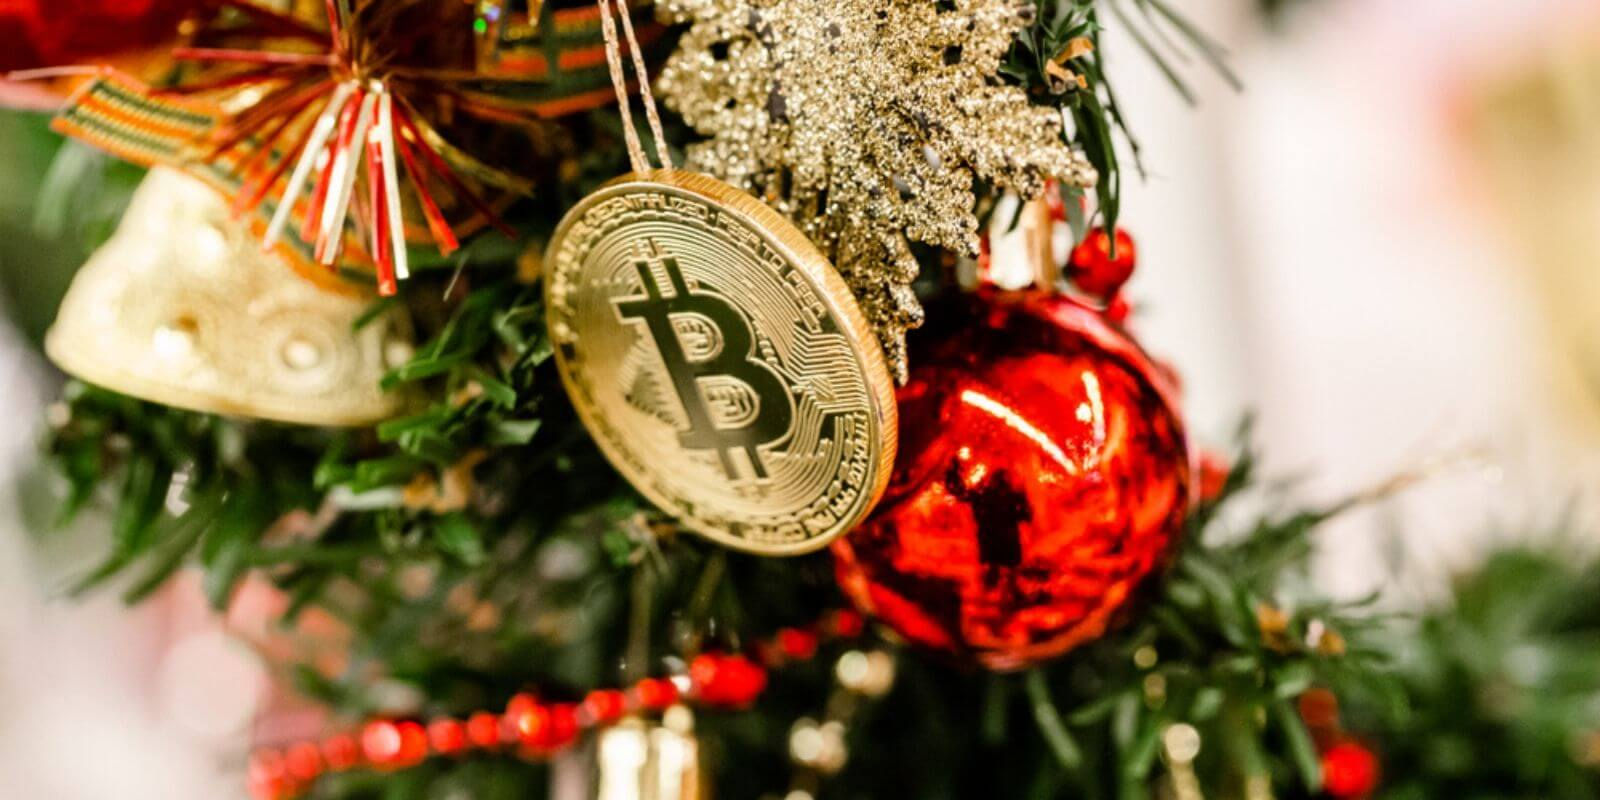 4 cadeaux pour les fans de cryptos à offrir pour les fêtes